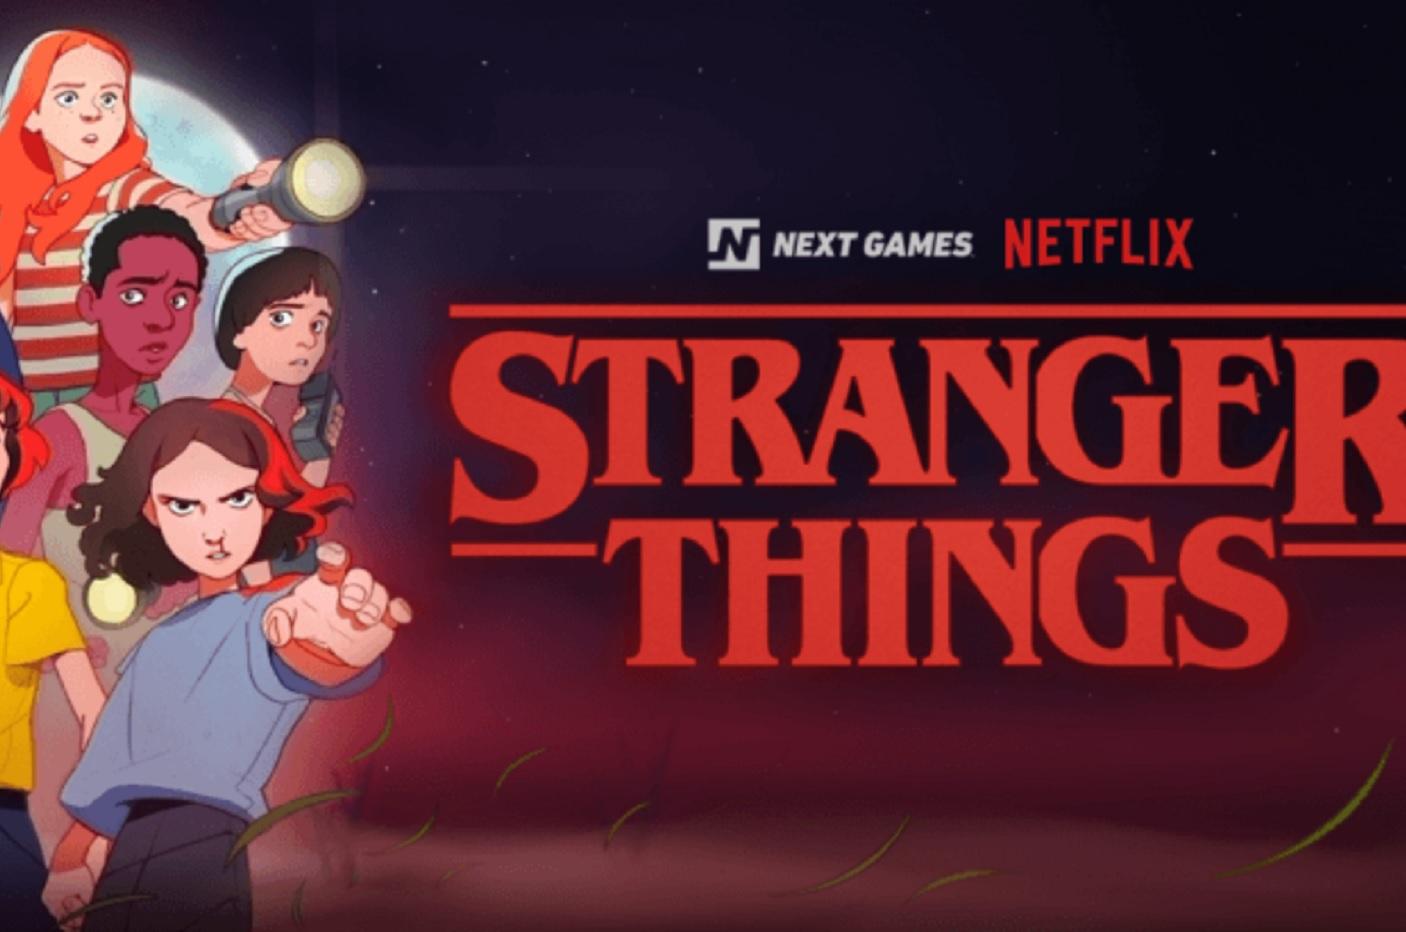 Le-jeu-basé-sur-Stranger-Things-de-Netflix